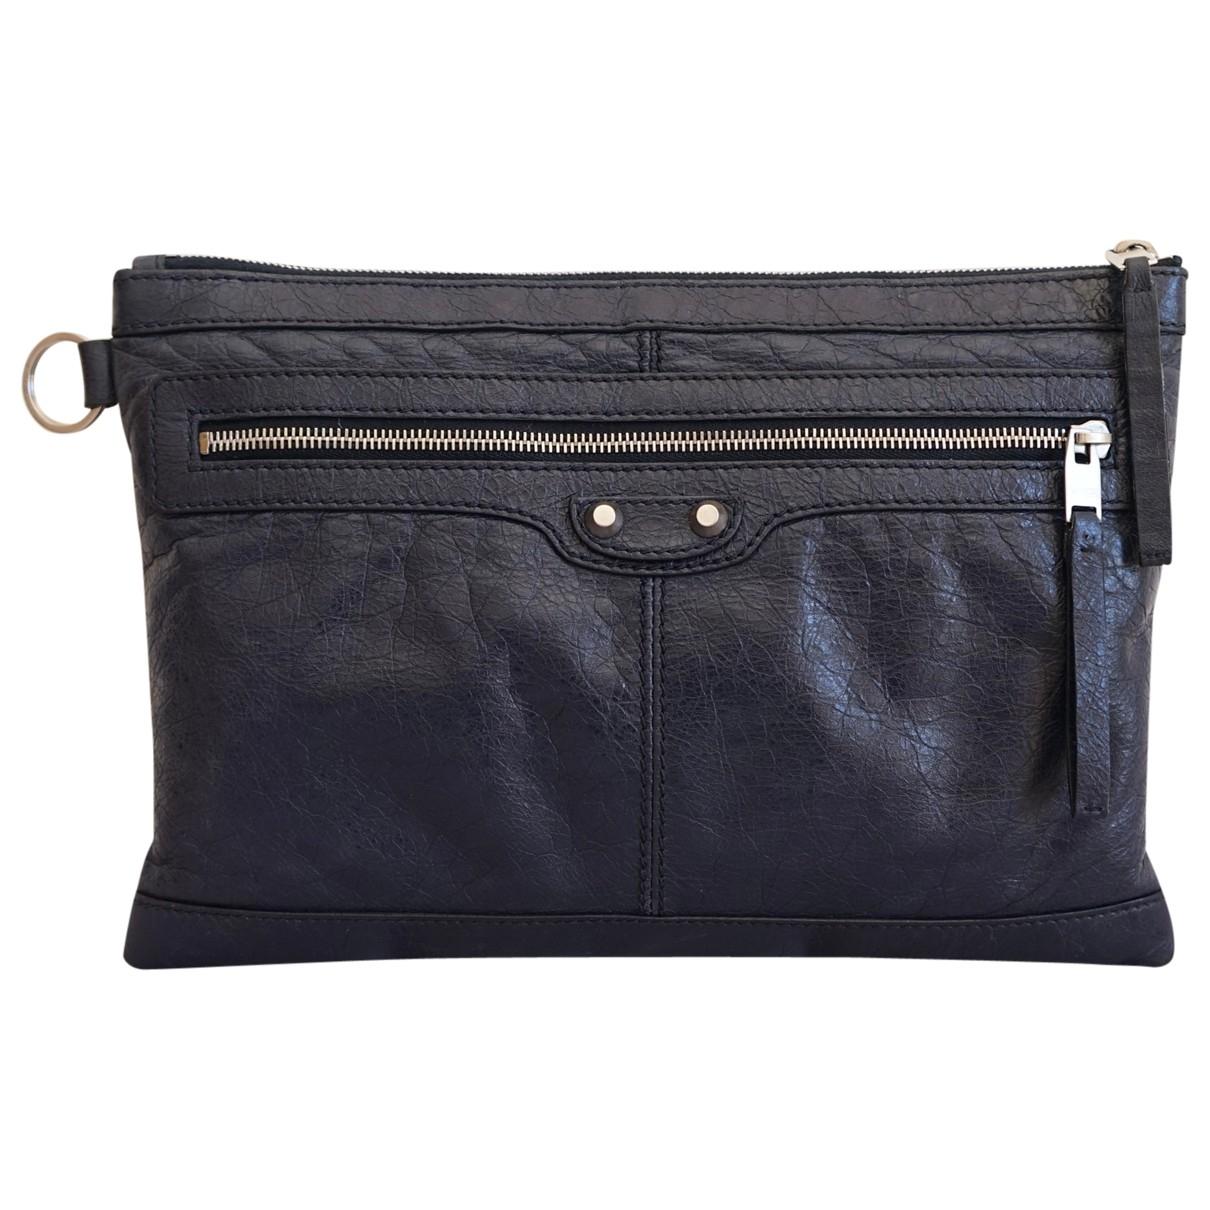 Balenciaga \N Navy Leather Clutch bag for Women \N